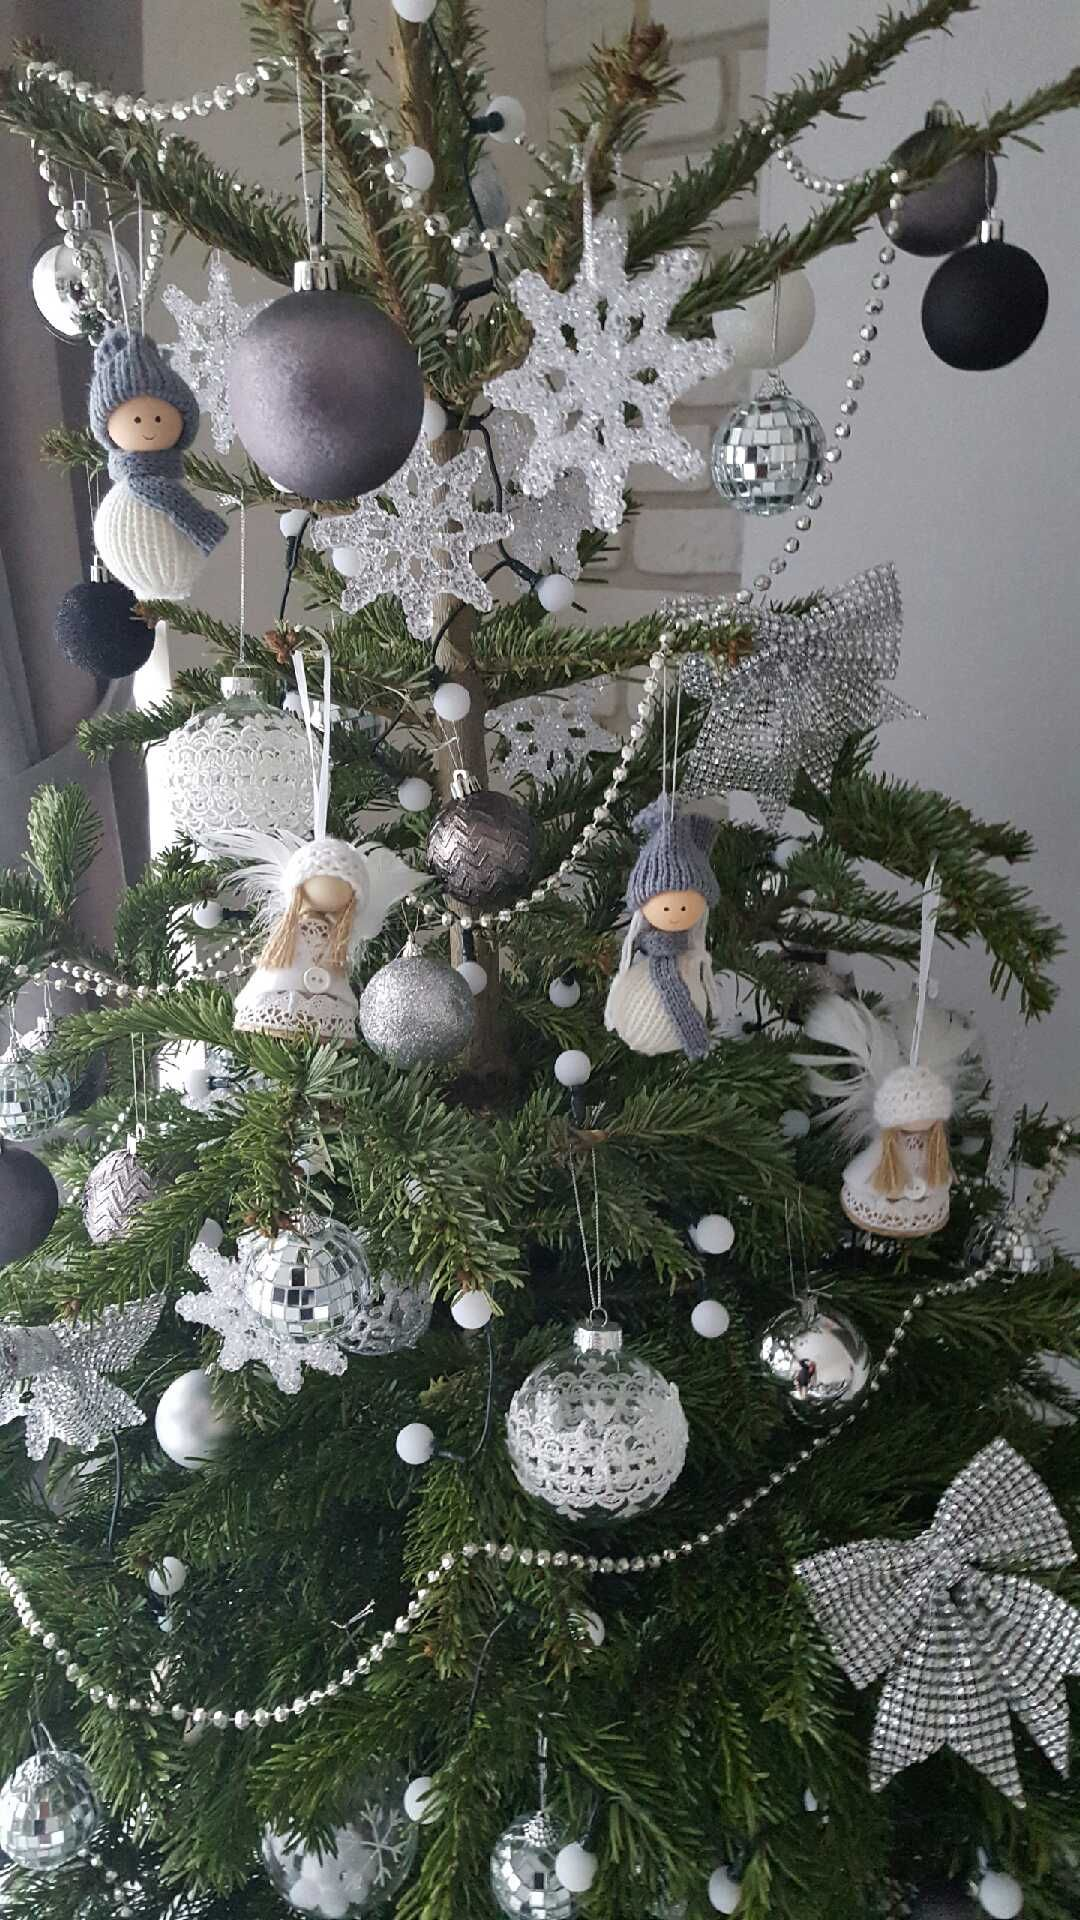 Aniolki Na Choinke Christmas Wreaths Holiday Decor Table Decorations